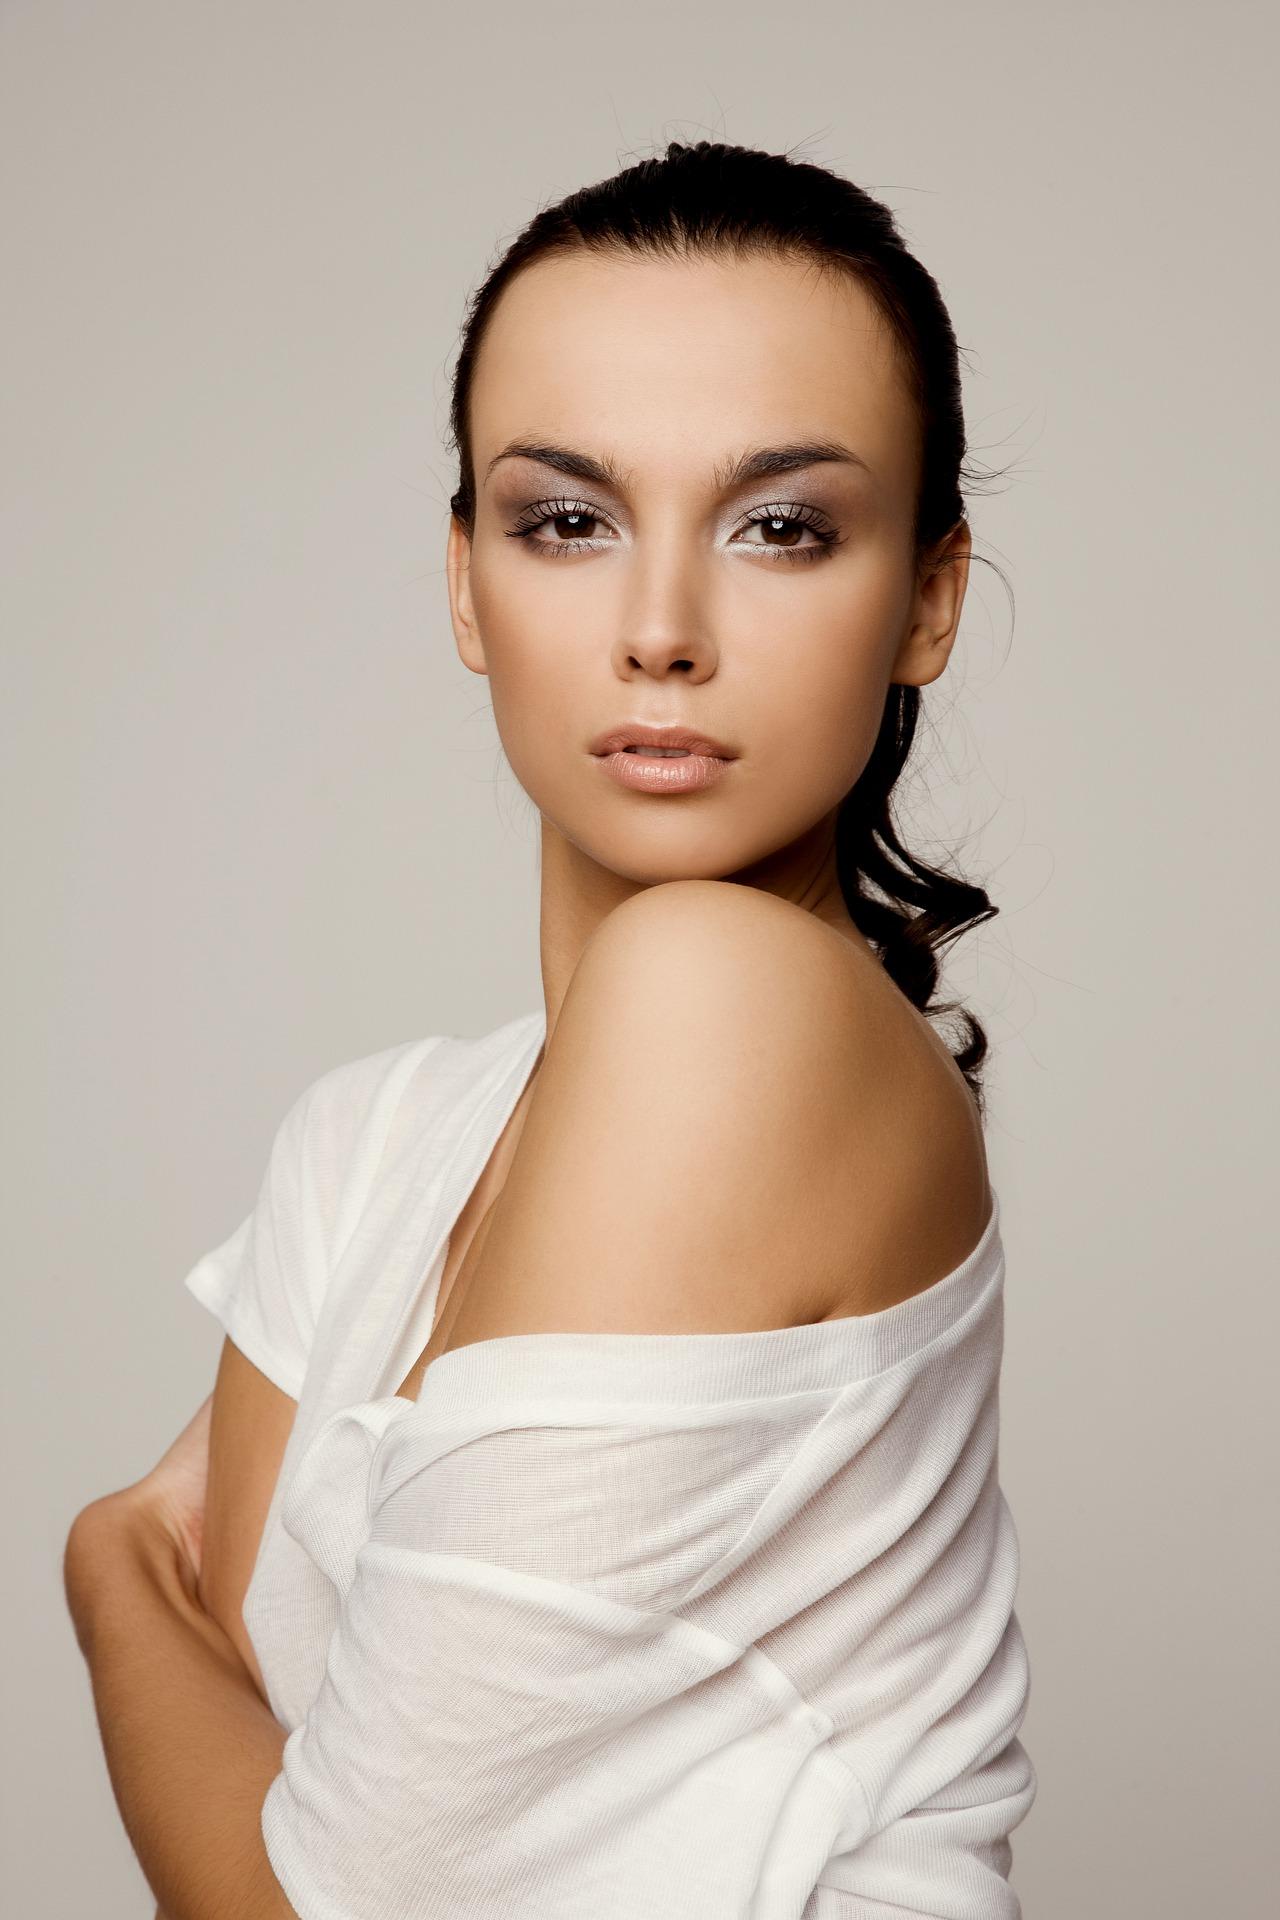 Cung cấp người mẫu nước ngoài chuyên nghiệp tại hà nội - 2